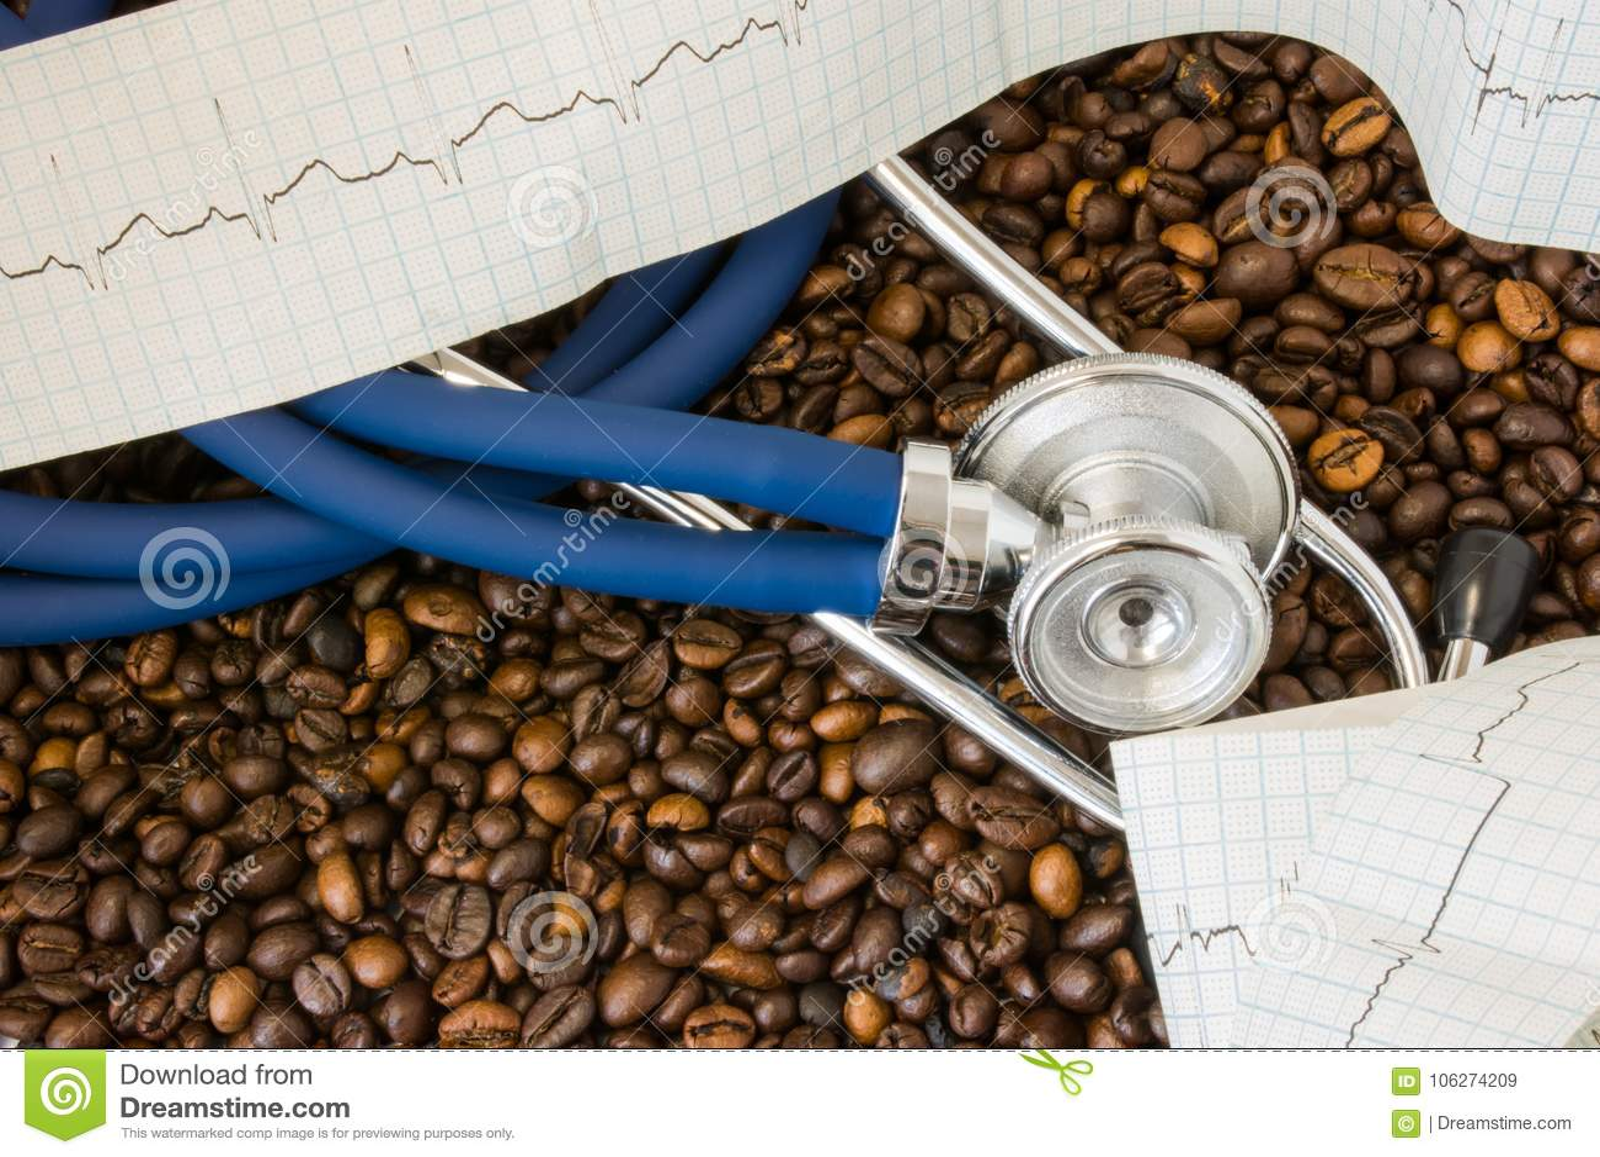 Kaffee oder Koffein und Herzarrhythmie Irregularherzschlag Stethoskop und ECG-Band auf Hintergrund von Kaffeebohnen Effekt und